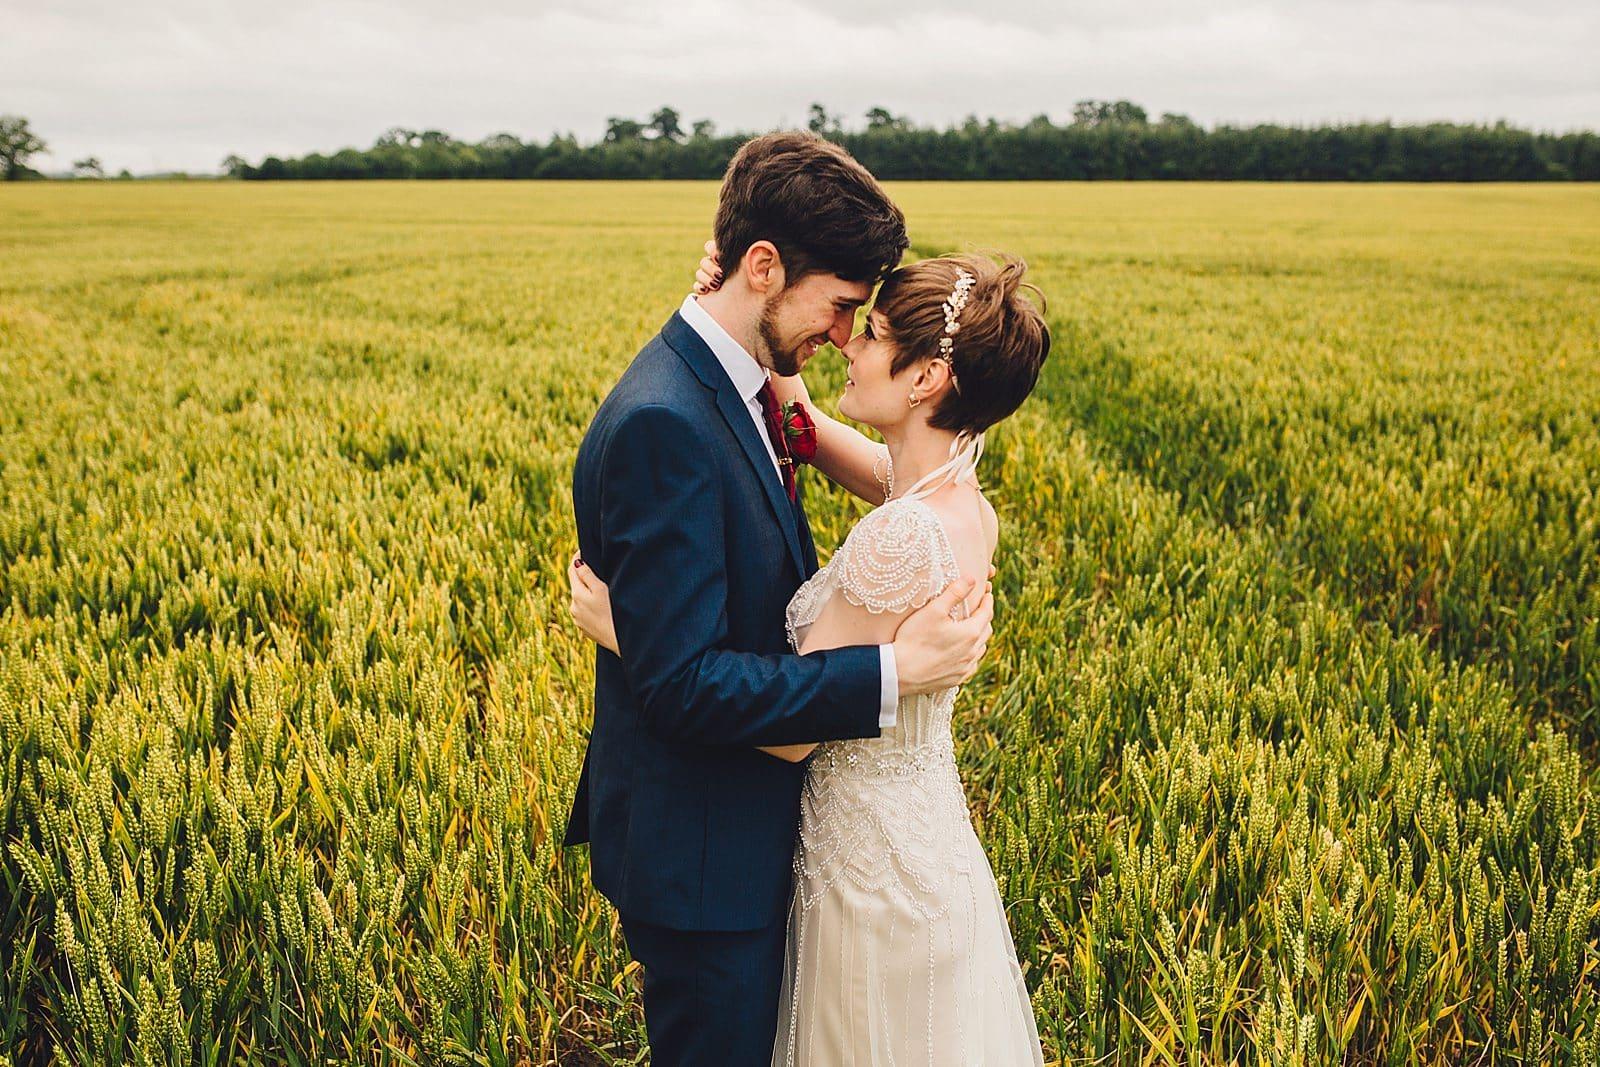 shustoke-barn-wedding-photography_0075